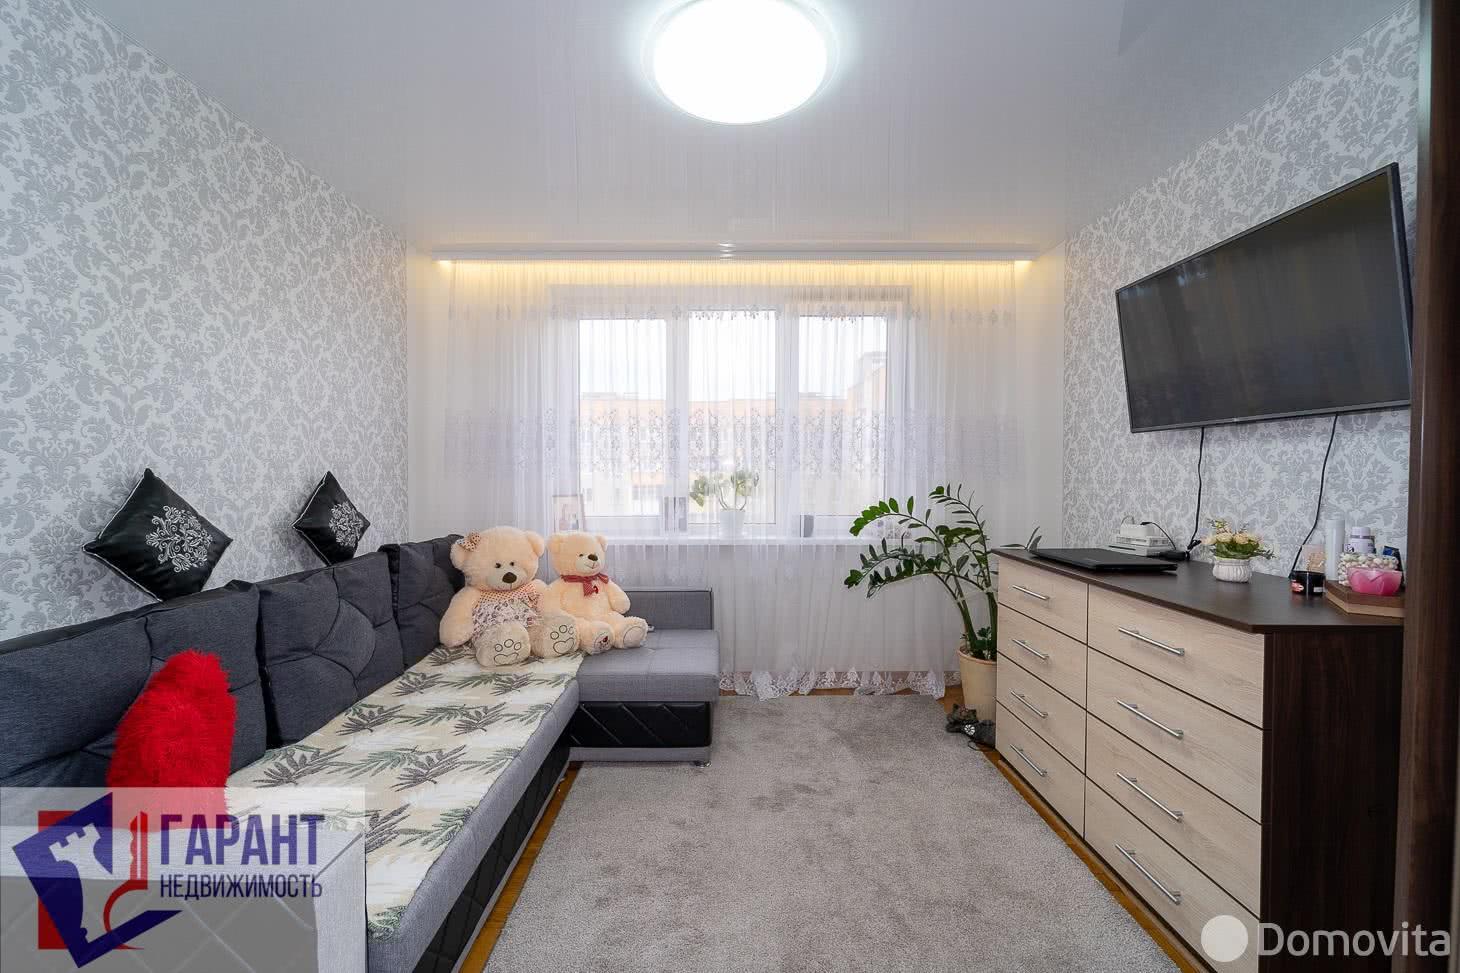 Купить комнату в Минске, ул. Одинцова, д. 29 - фото 3